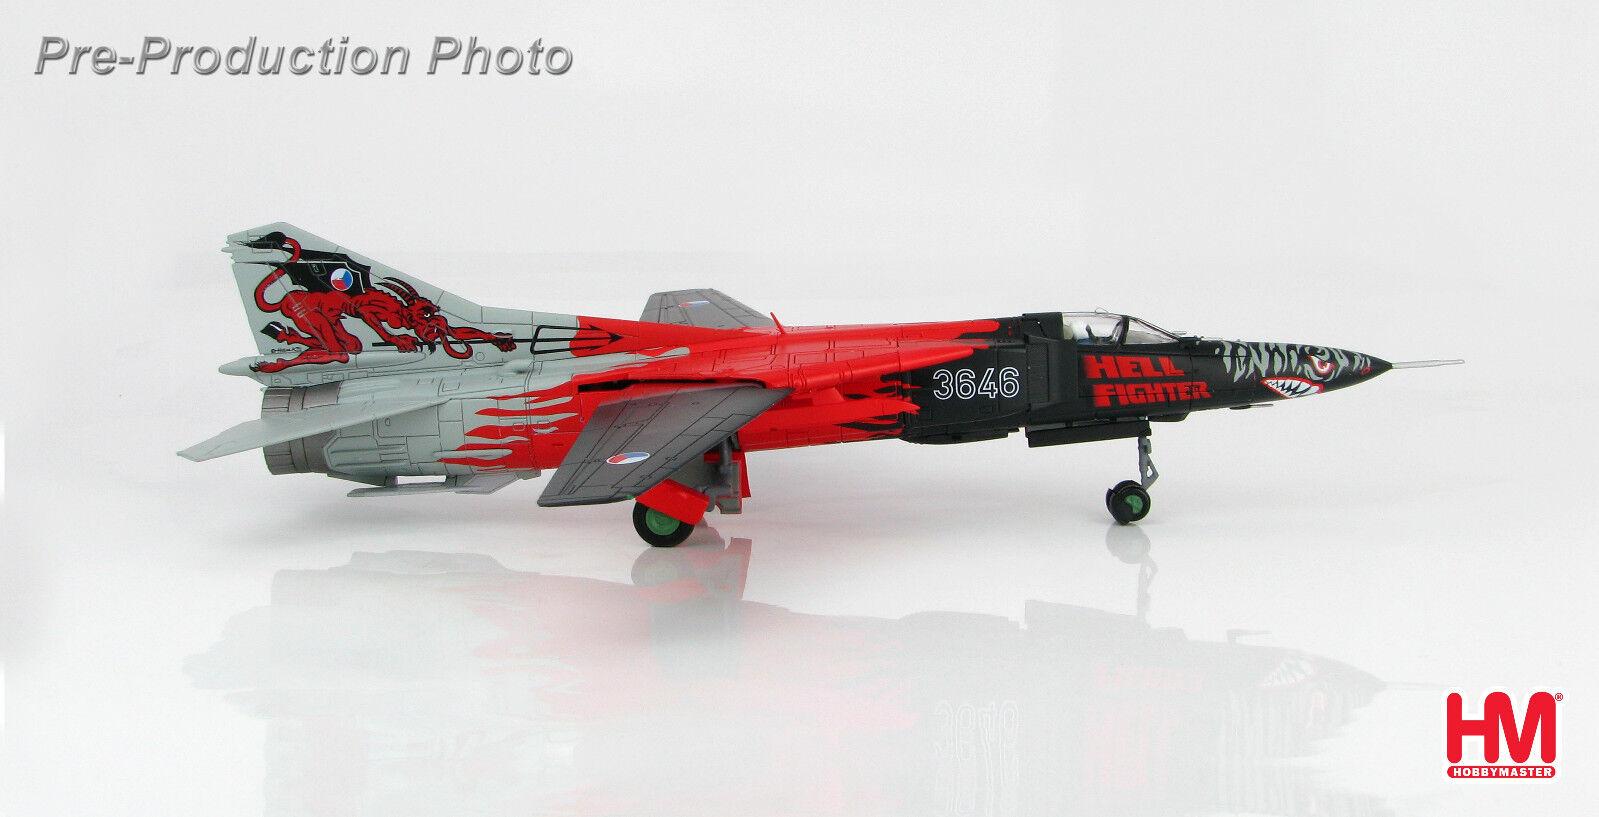 Hobby Master HA5307 1/72 MIG-23MF Flogger Hell Fighter 3646, Czech Re